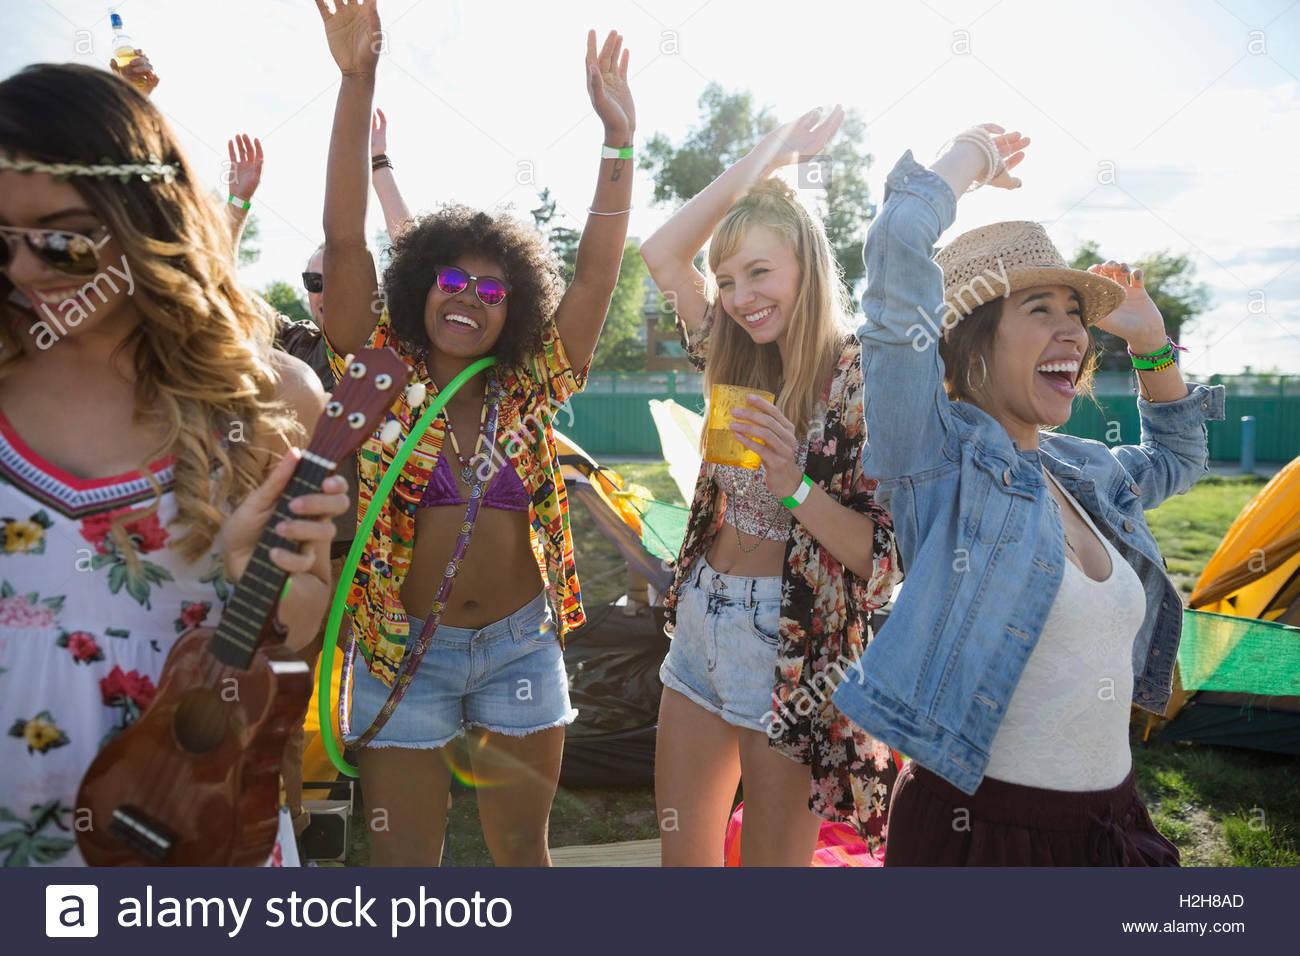 Les jeunes femmes enthousiastes dancing summer music festival Photo Stock